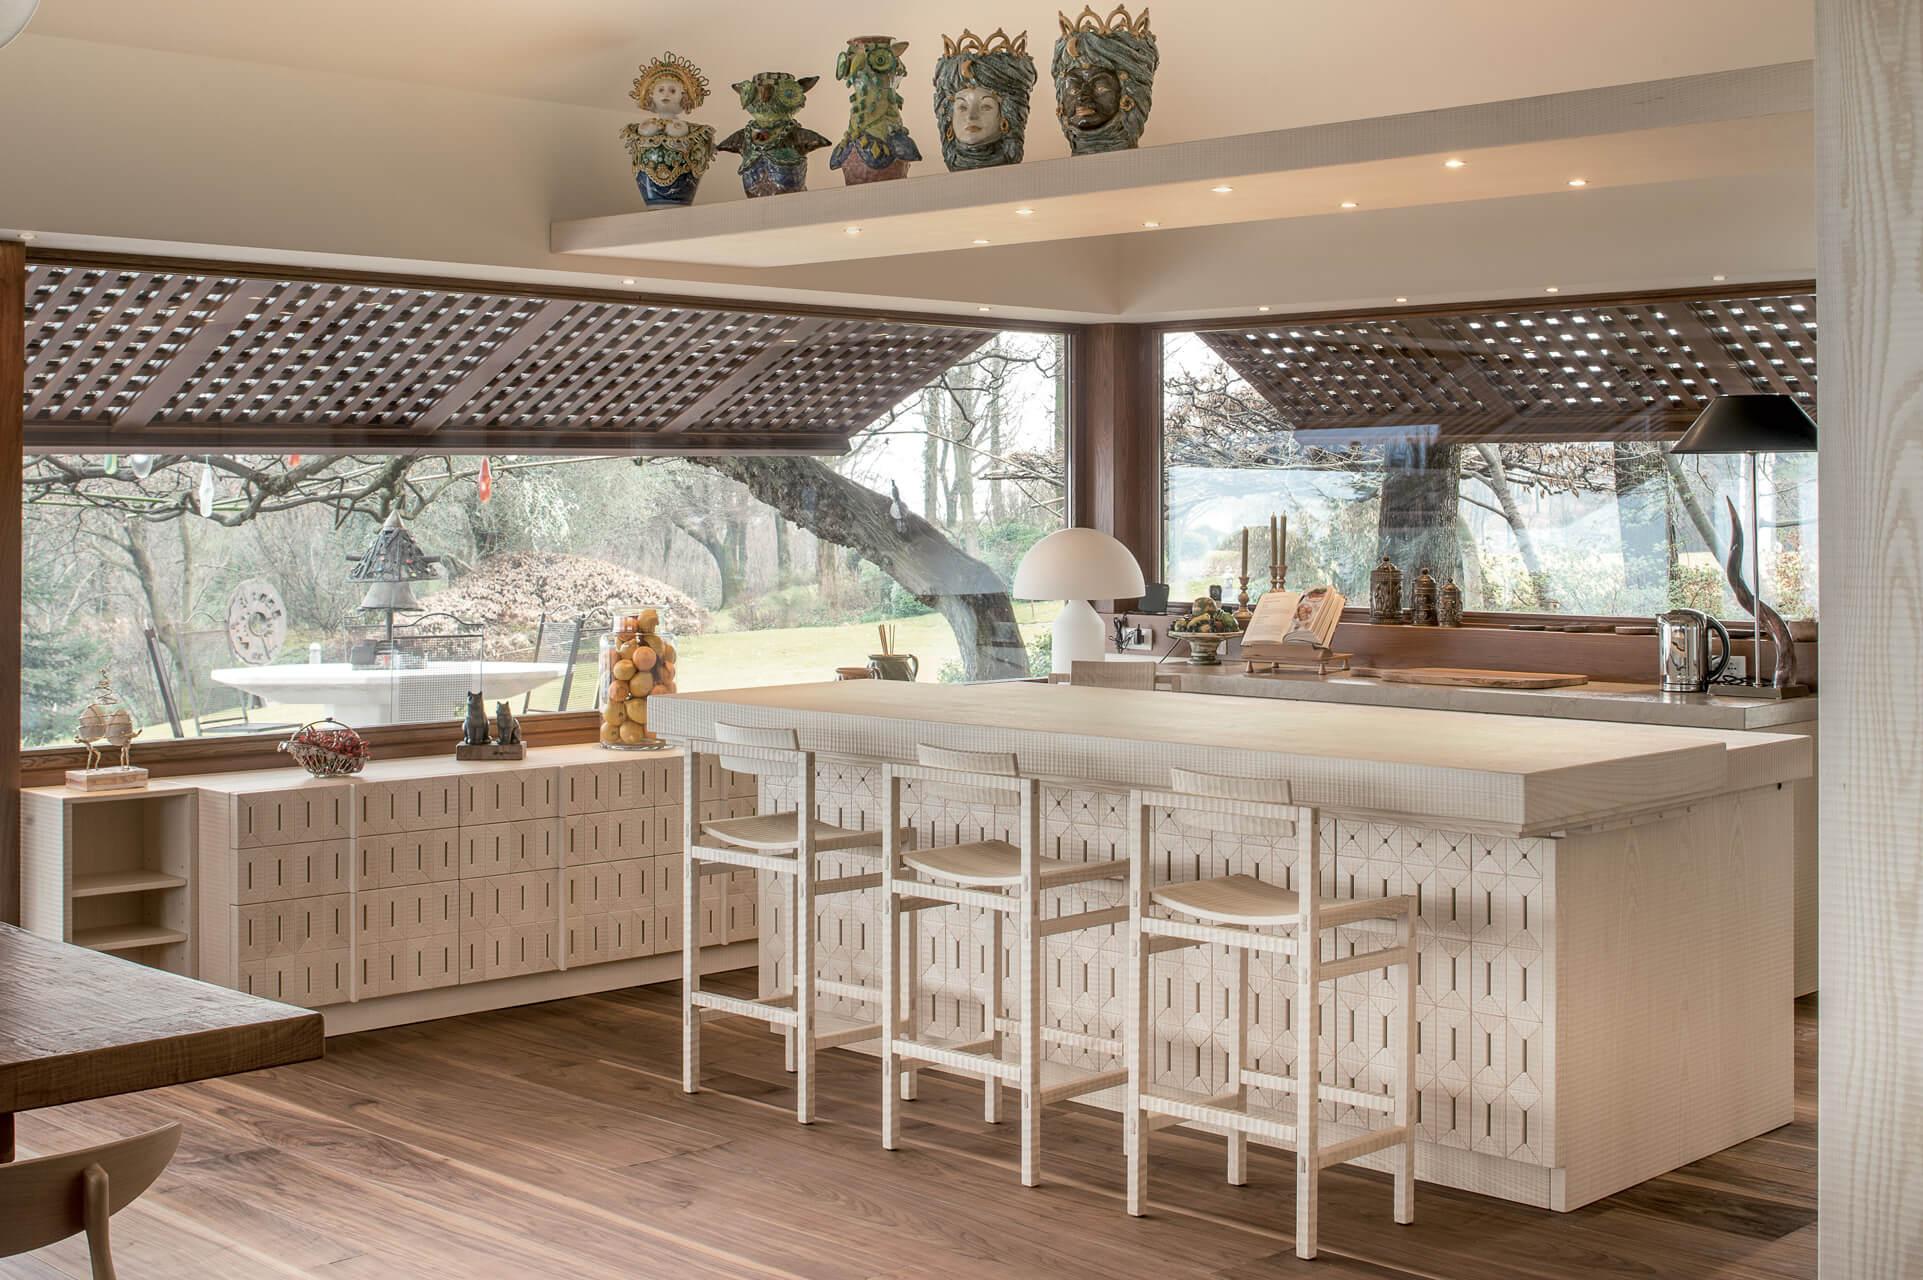 Cucina in Noce con Piano in Marmo Botticino - Cucine Design in Legno ...